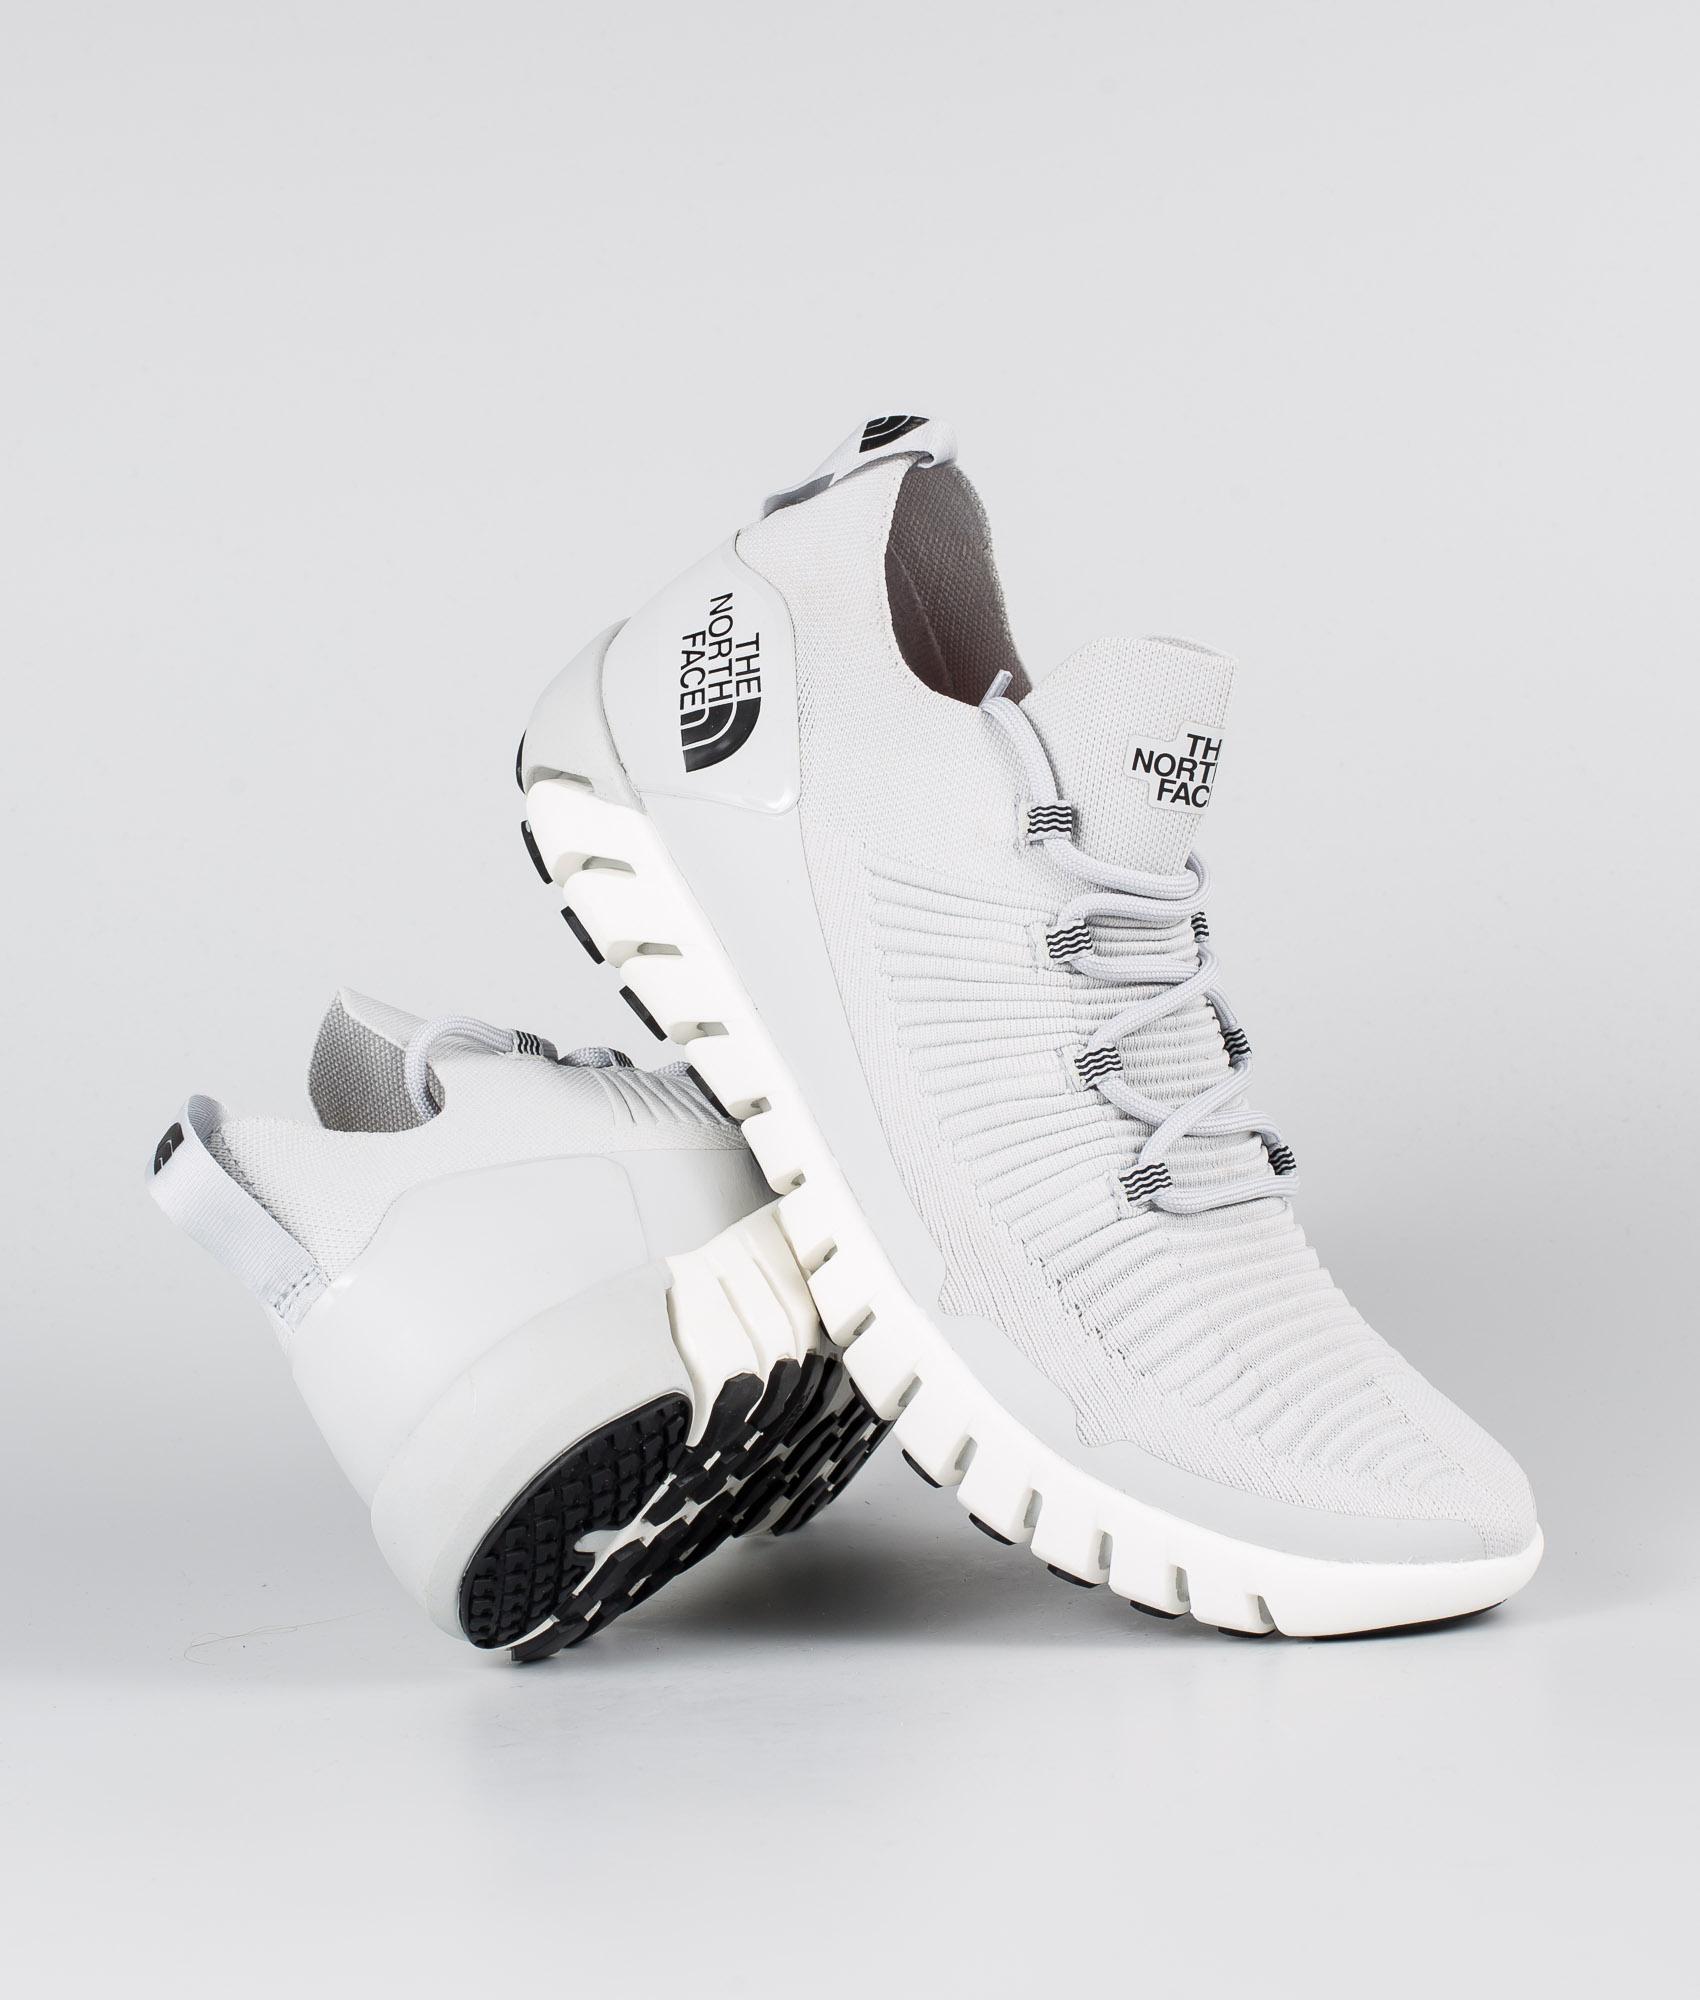 Chaussure streetwear homme   Livraison gratuite   RIDESTORE